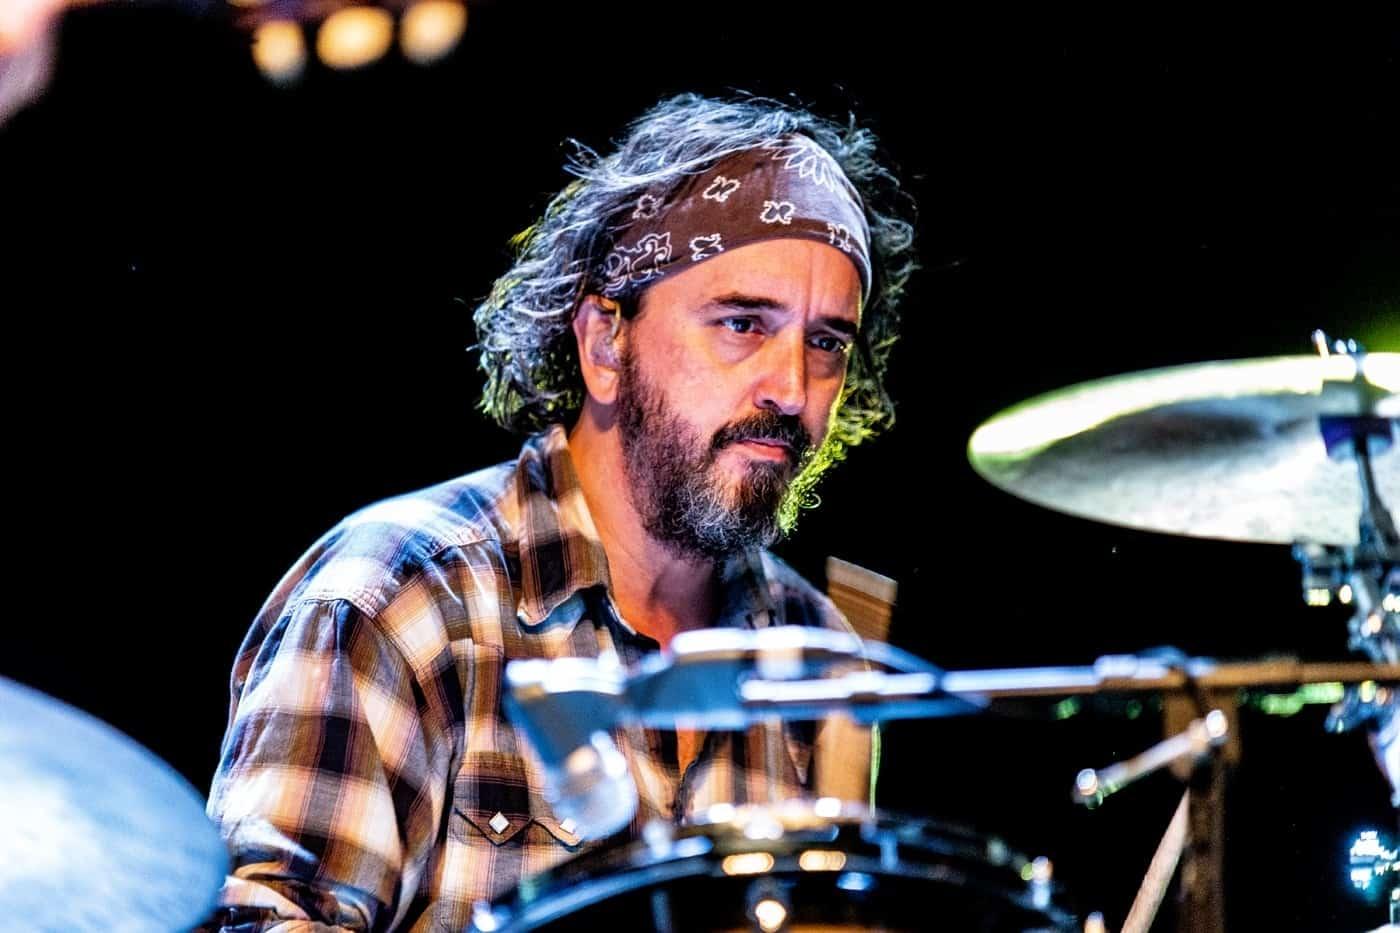 Steve Earle Dukes drummer